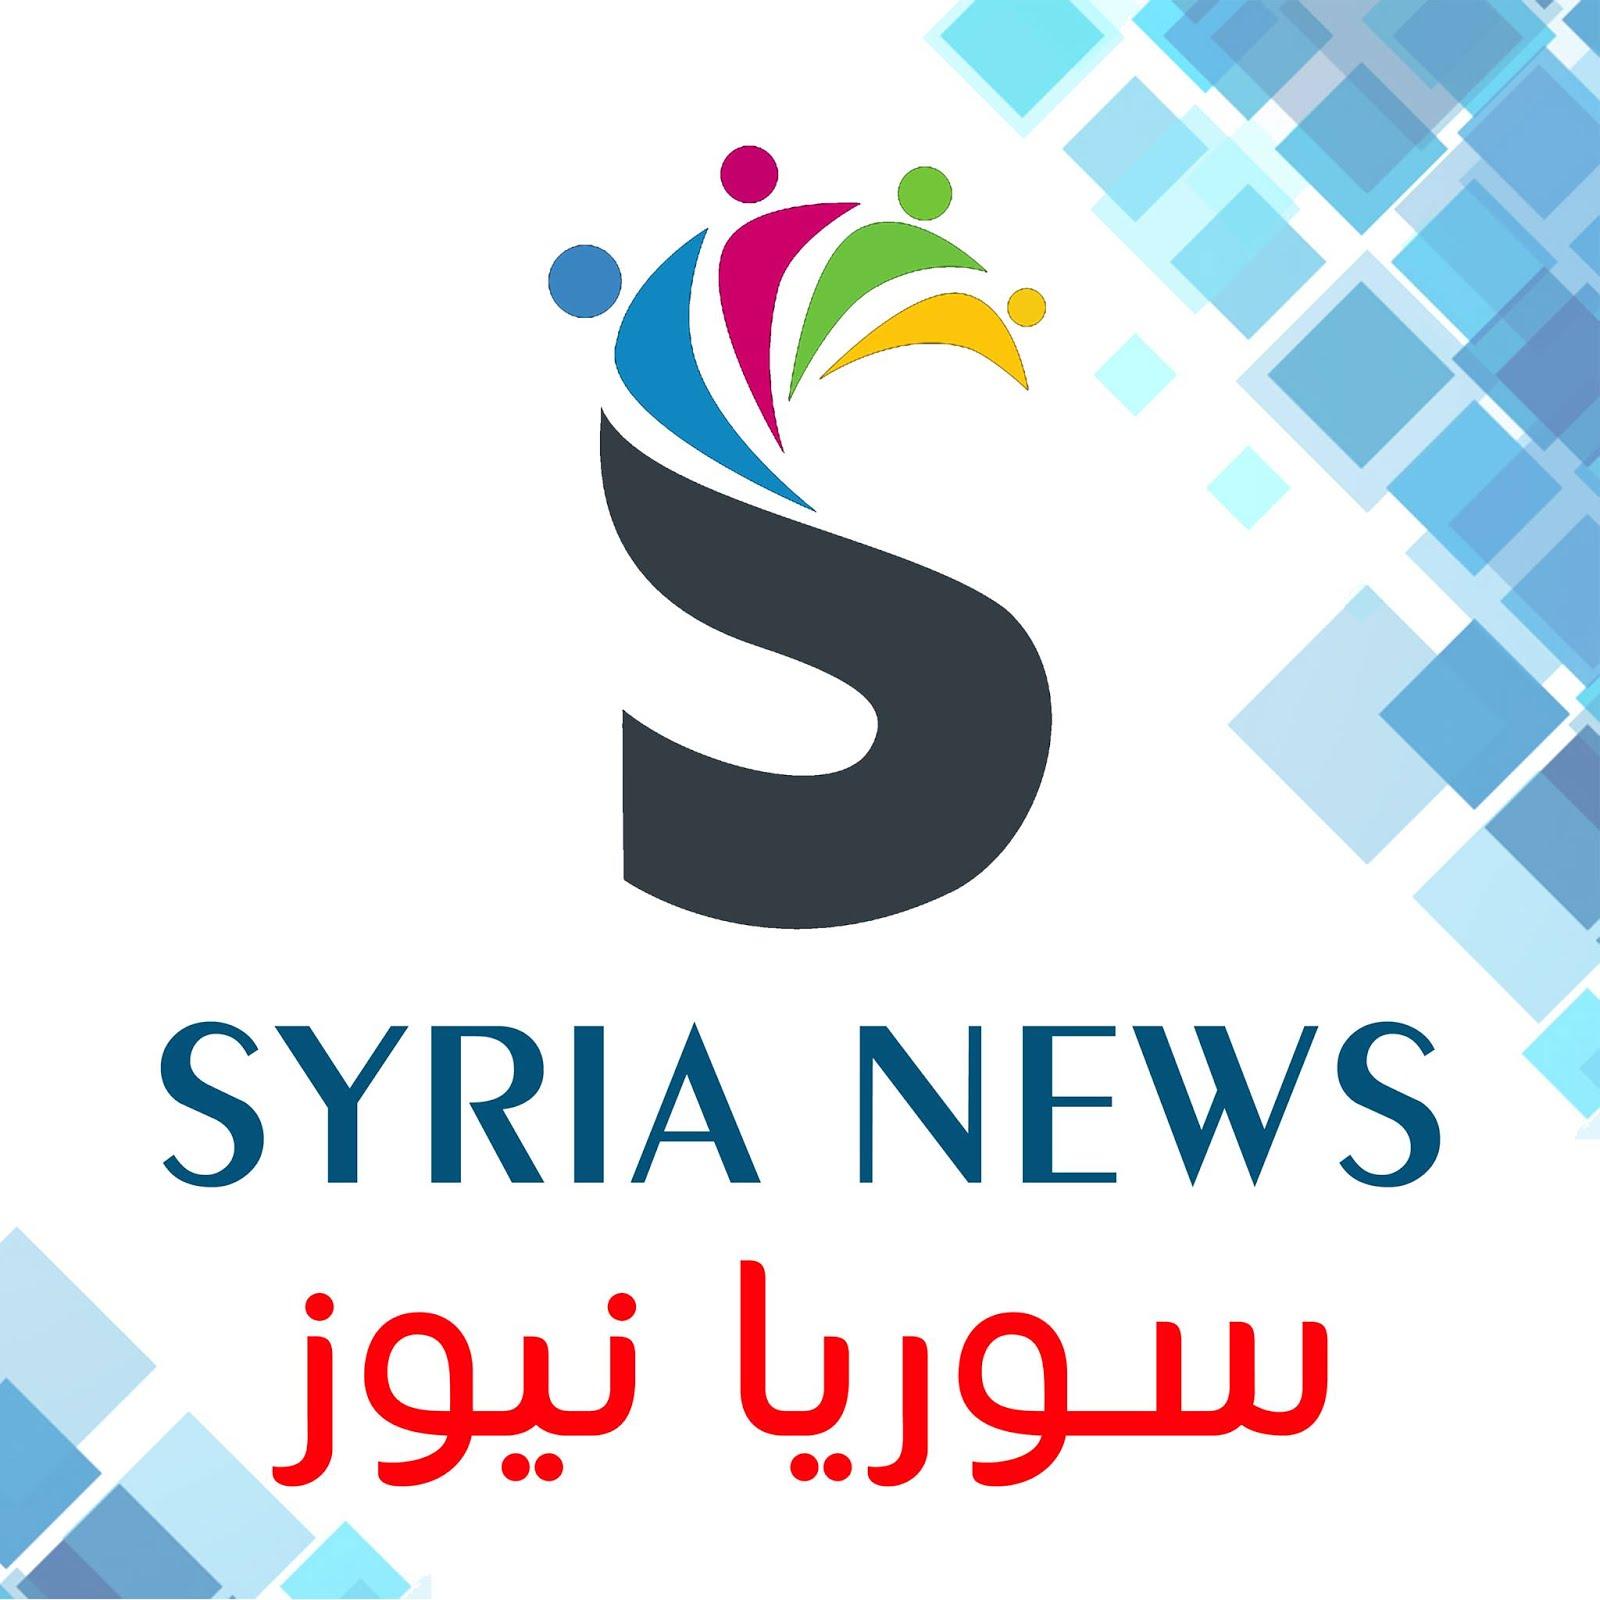 سوريا نيوز Syria News